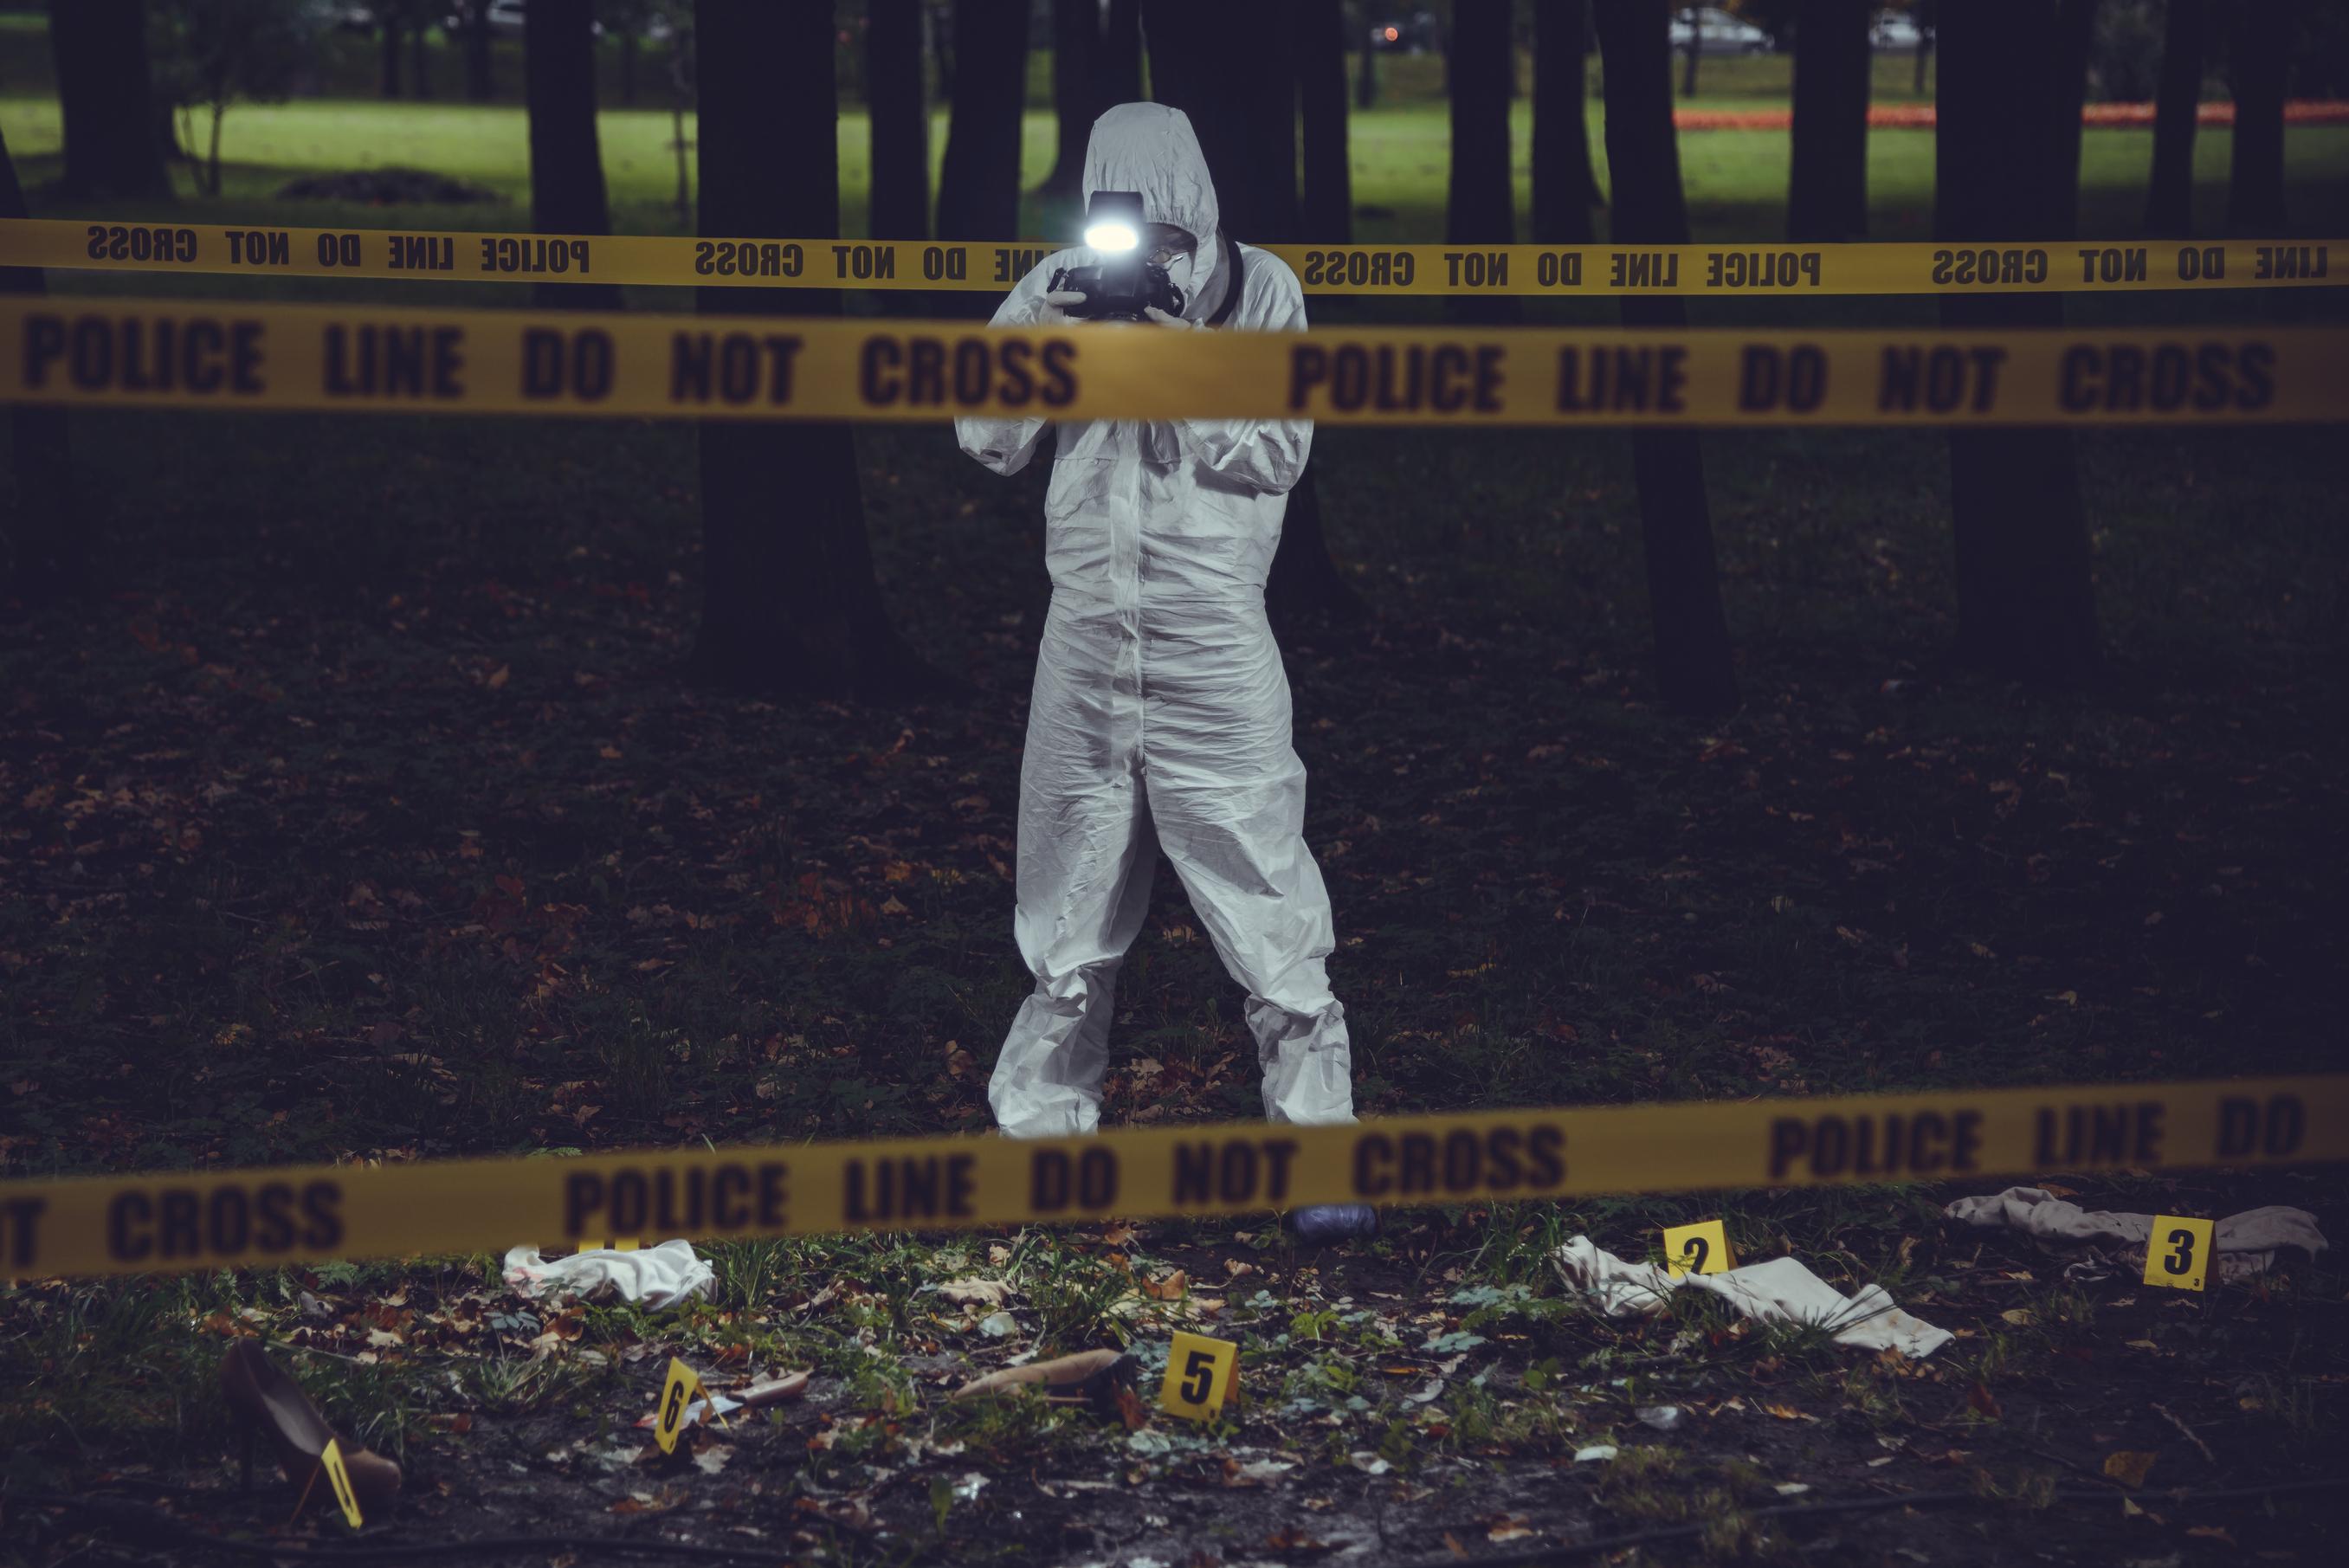 police, evidence, criminal, tape